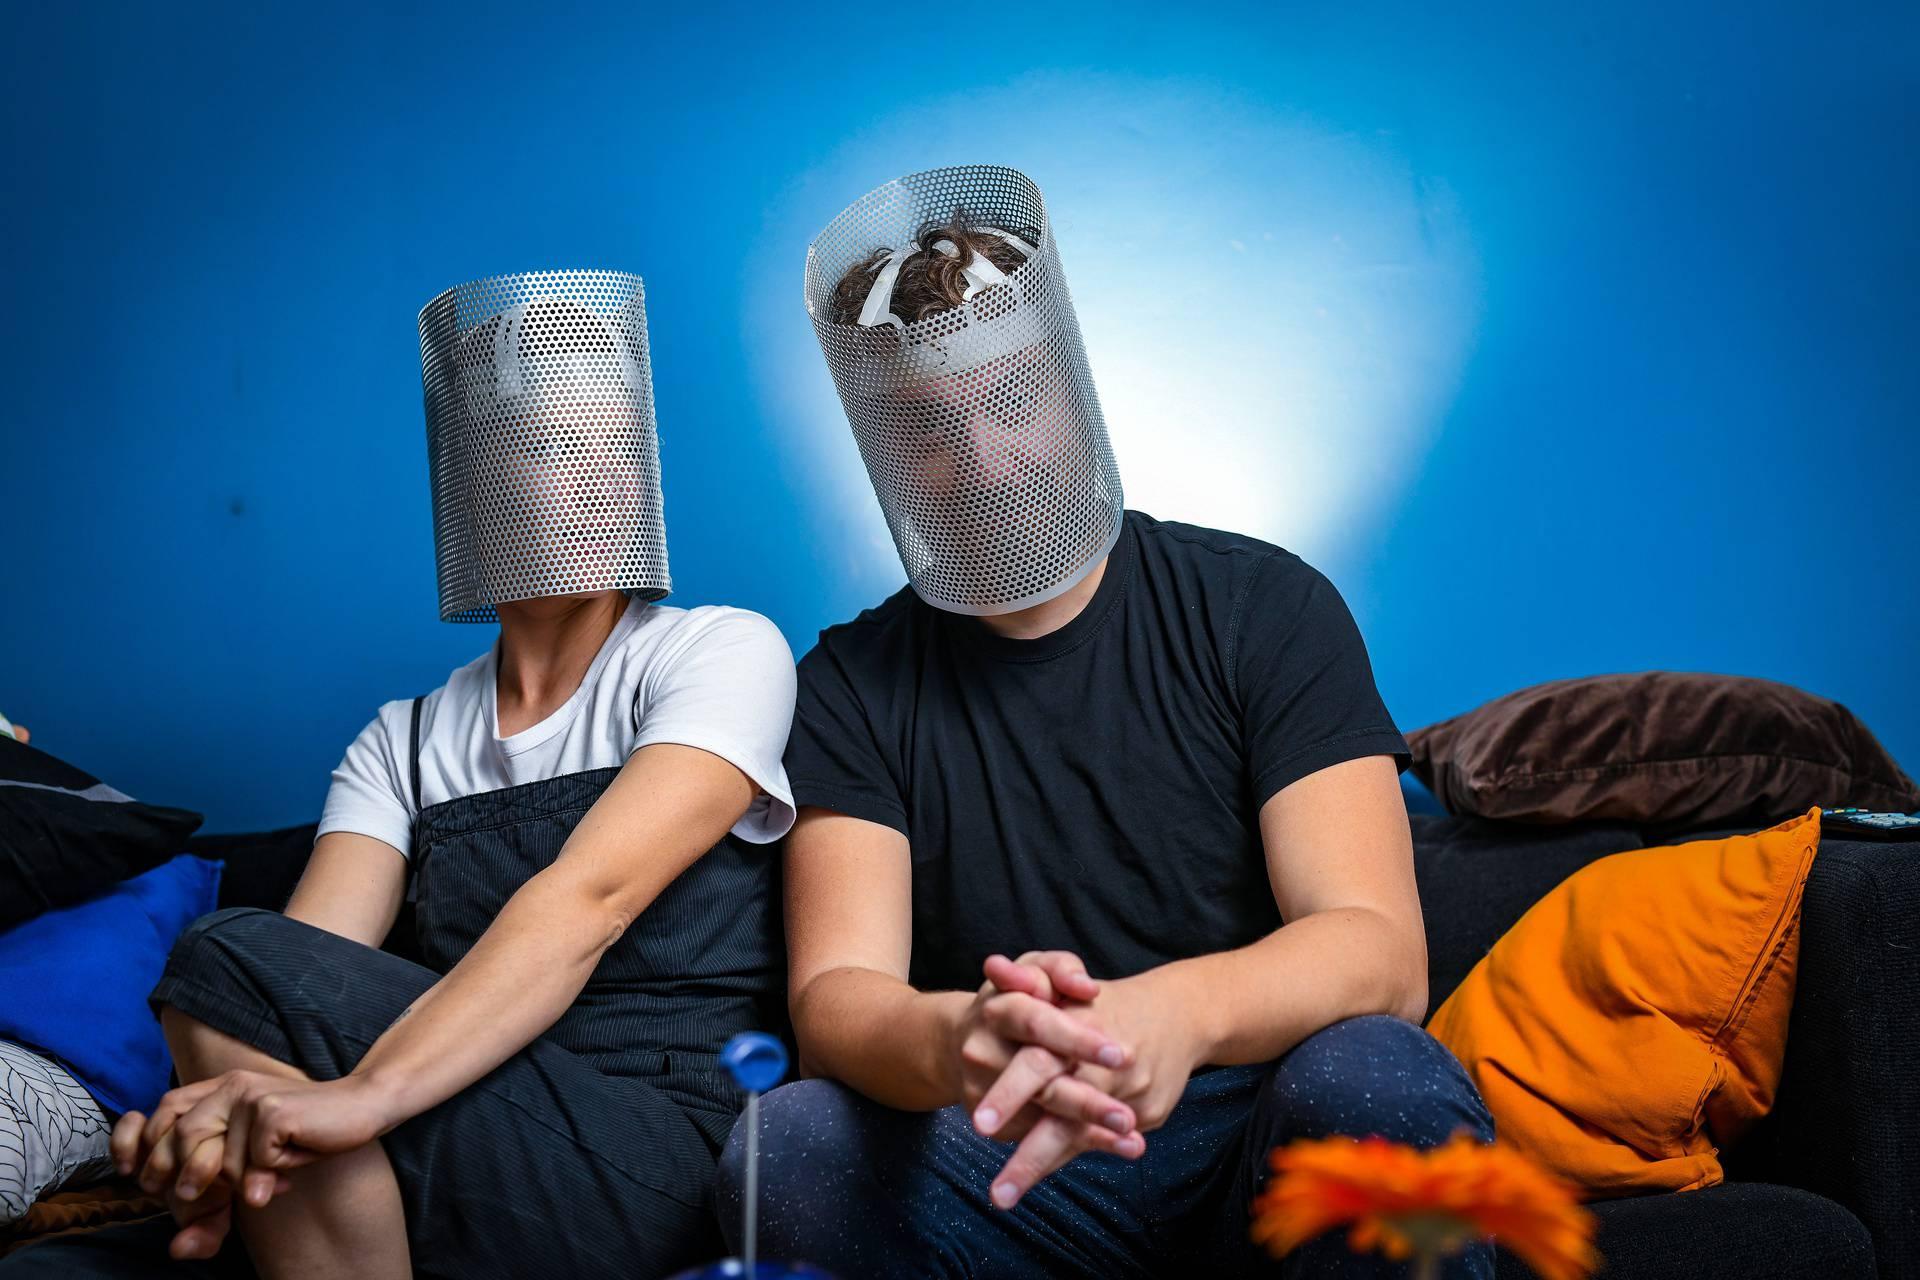 Dvojac Nipplepeople objavio je intrigantni video: Uskoro će konačno otkriti svoj identitet?